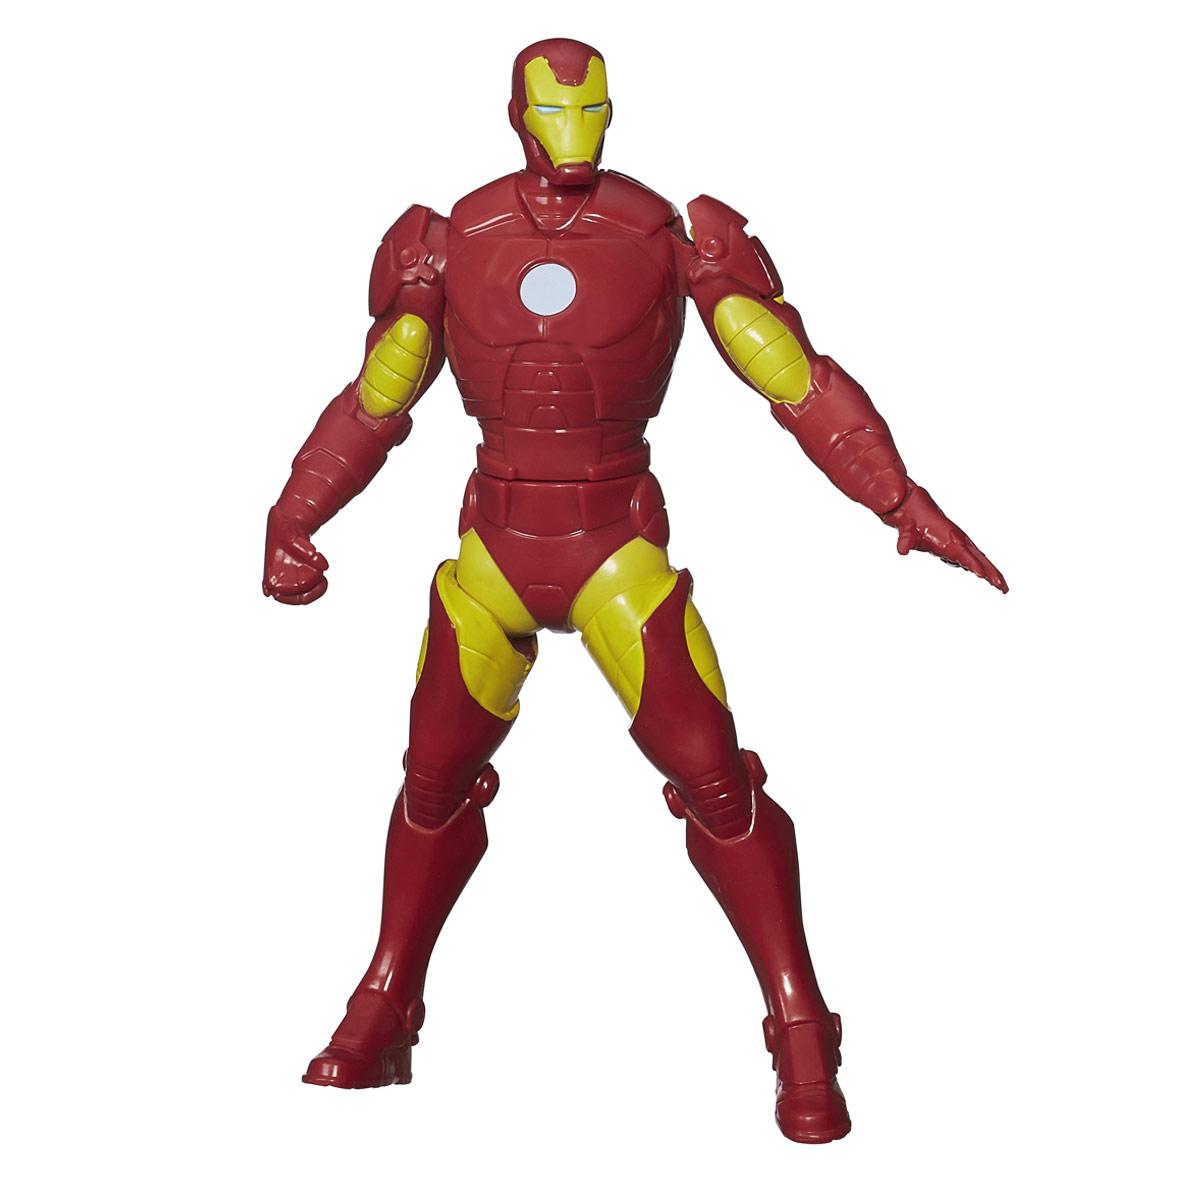 Боевая фигурка Avengers Iron Man, 16 смB1202_B1812Боевая фигурка Avengers Iron Man порадует любого маленького поклонника знаменитой серии Мстители (Avengers). Фигурка изготовлена из высококачественного прочного пластика и выполнена в виде супергероя Железного человека. Сведите ноги фигурки вместе, и Железный Человек примет свою знаменитую позу, повернувшись и вытянув вперед левую руку. Фигурка отличается высоким качеством исполнения и детализации. Железный Человек - гениальный изобретатель Энтони Старк, создавший высокотехнологичный костюм-броню, чтобы сбежать из плена. Позднее, Старк улучшает свою броню вооружением и устройствами, созданными на базе ресурсов его компании, и использует ее дабы защищать мир в облике Железного Человека. Фигурка понравится как детям, так и взрослым коллекционерам, она станет отличным сувениром или займет достойное место в коллекции любого поклонника комиксов о непобедимых Мстителях.